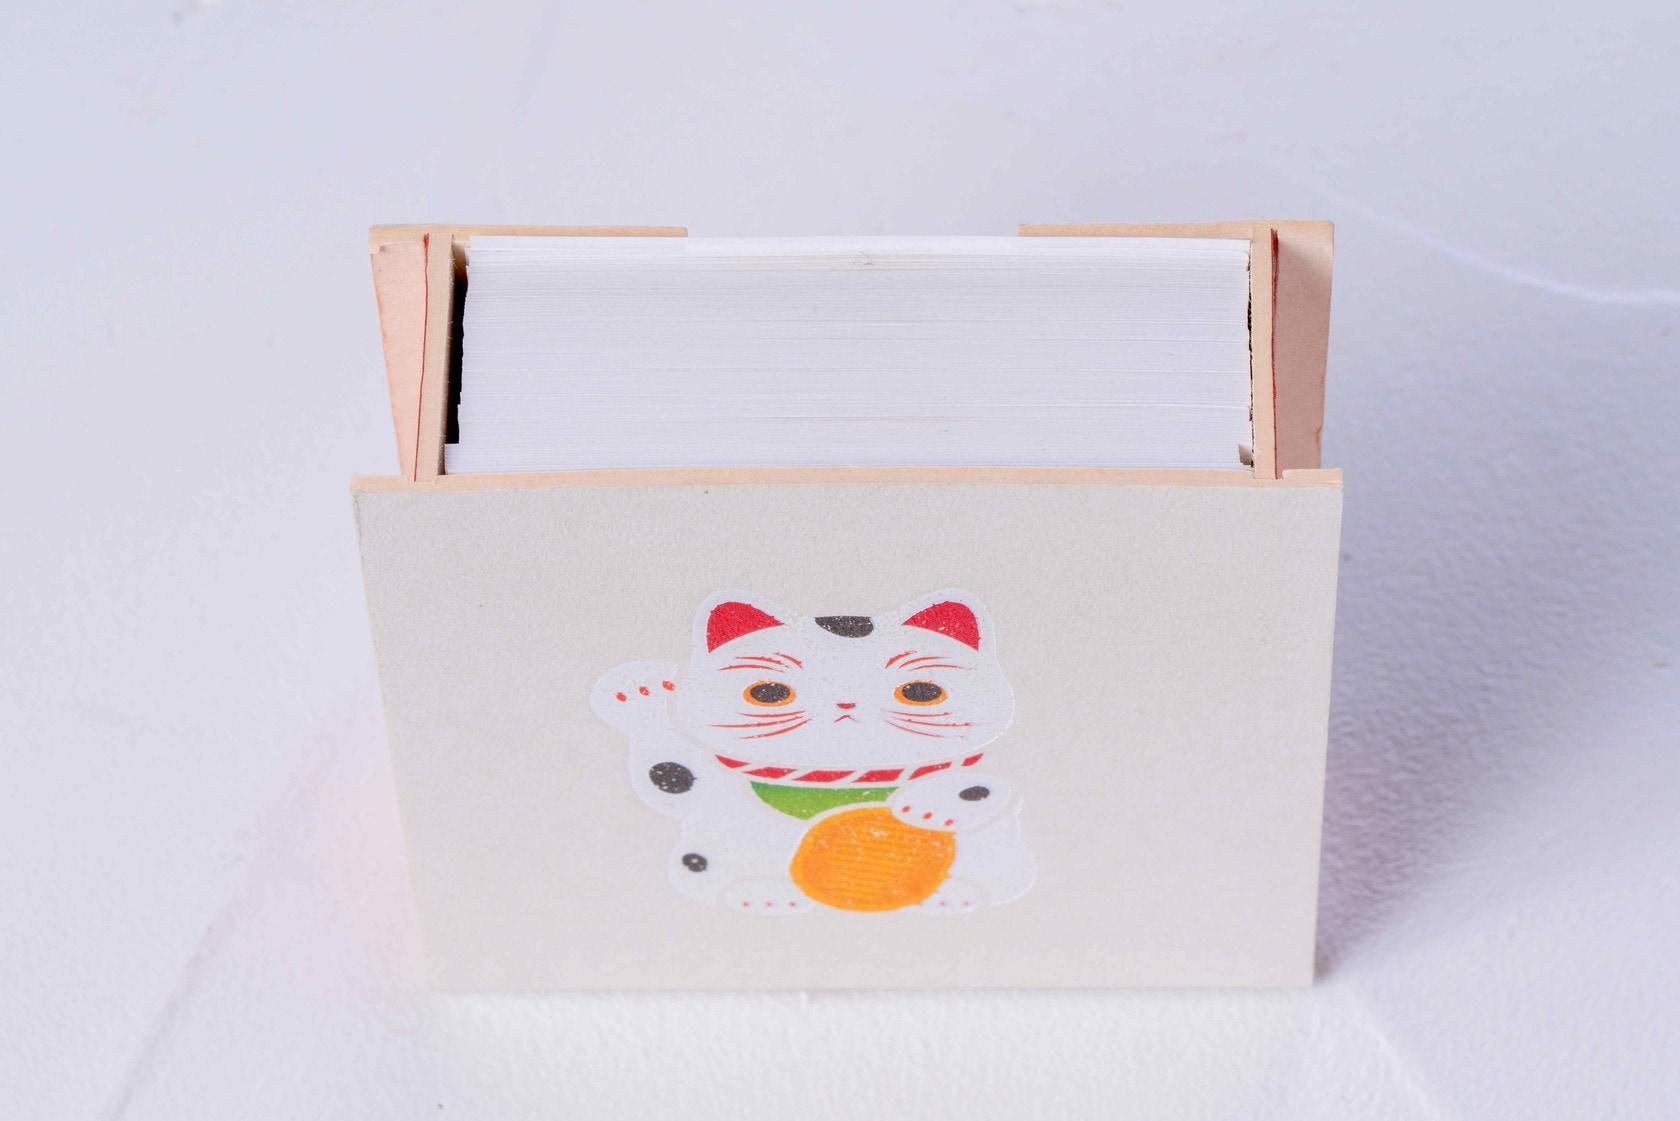 牛乳パックの再生紙ミルクラフトで作る箱とその中に入ったメモ用紙,招き猫がデザインされたモリタの紙箱